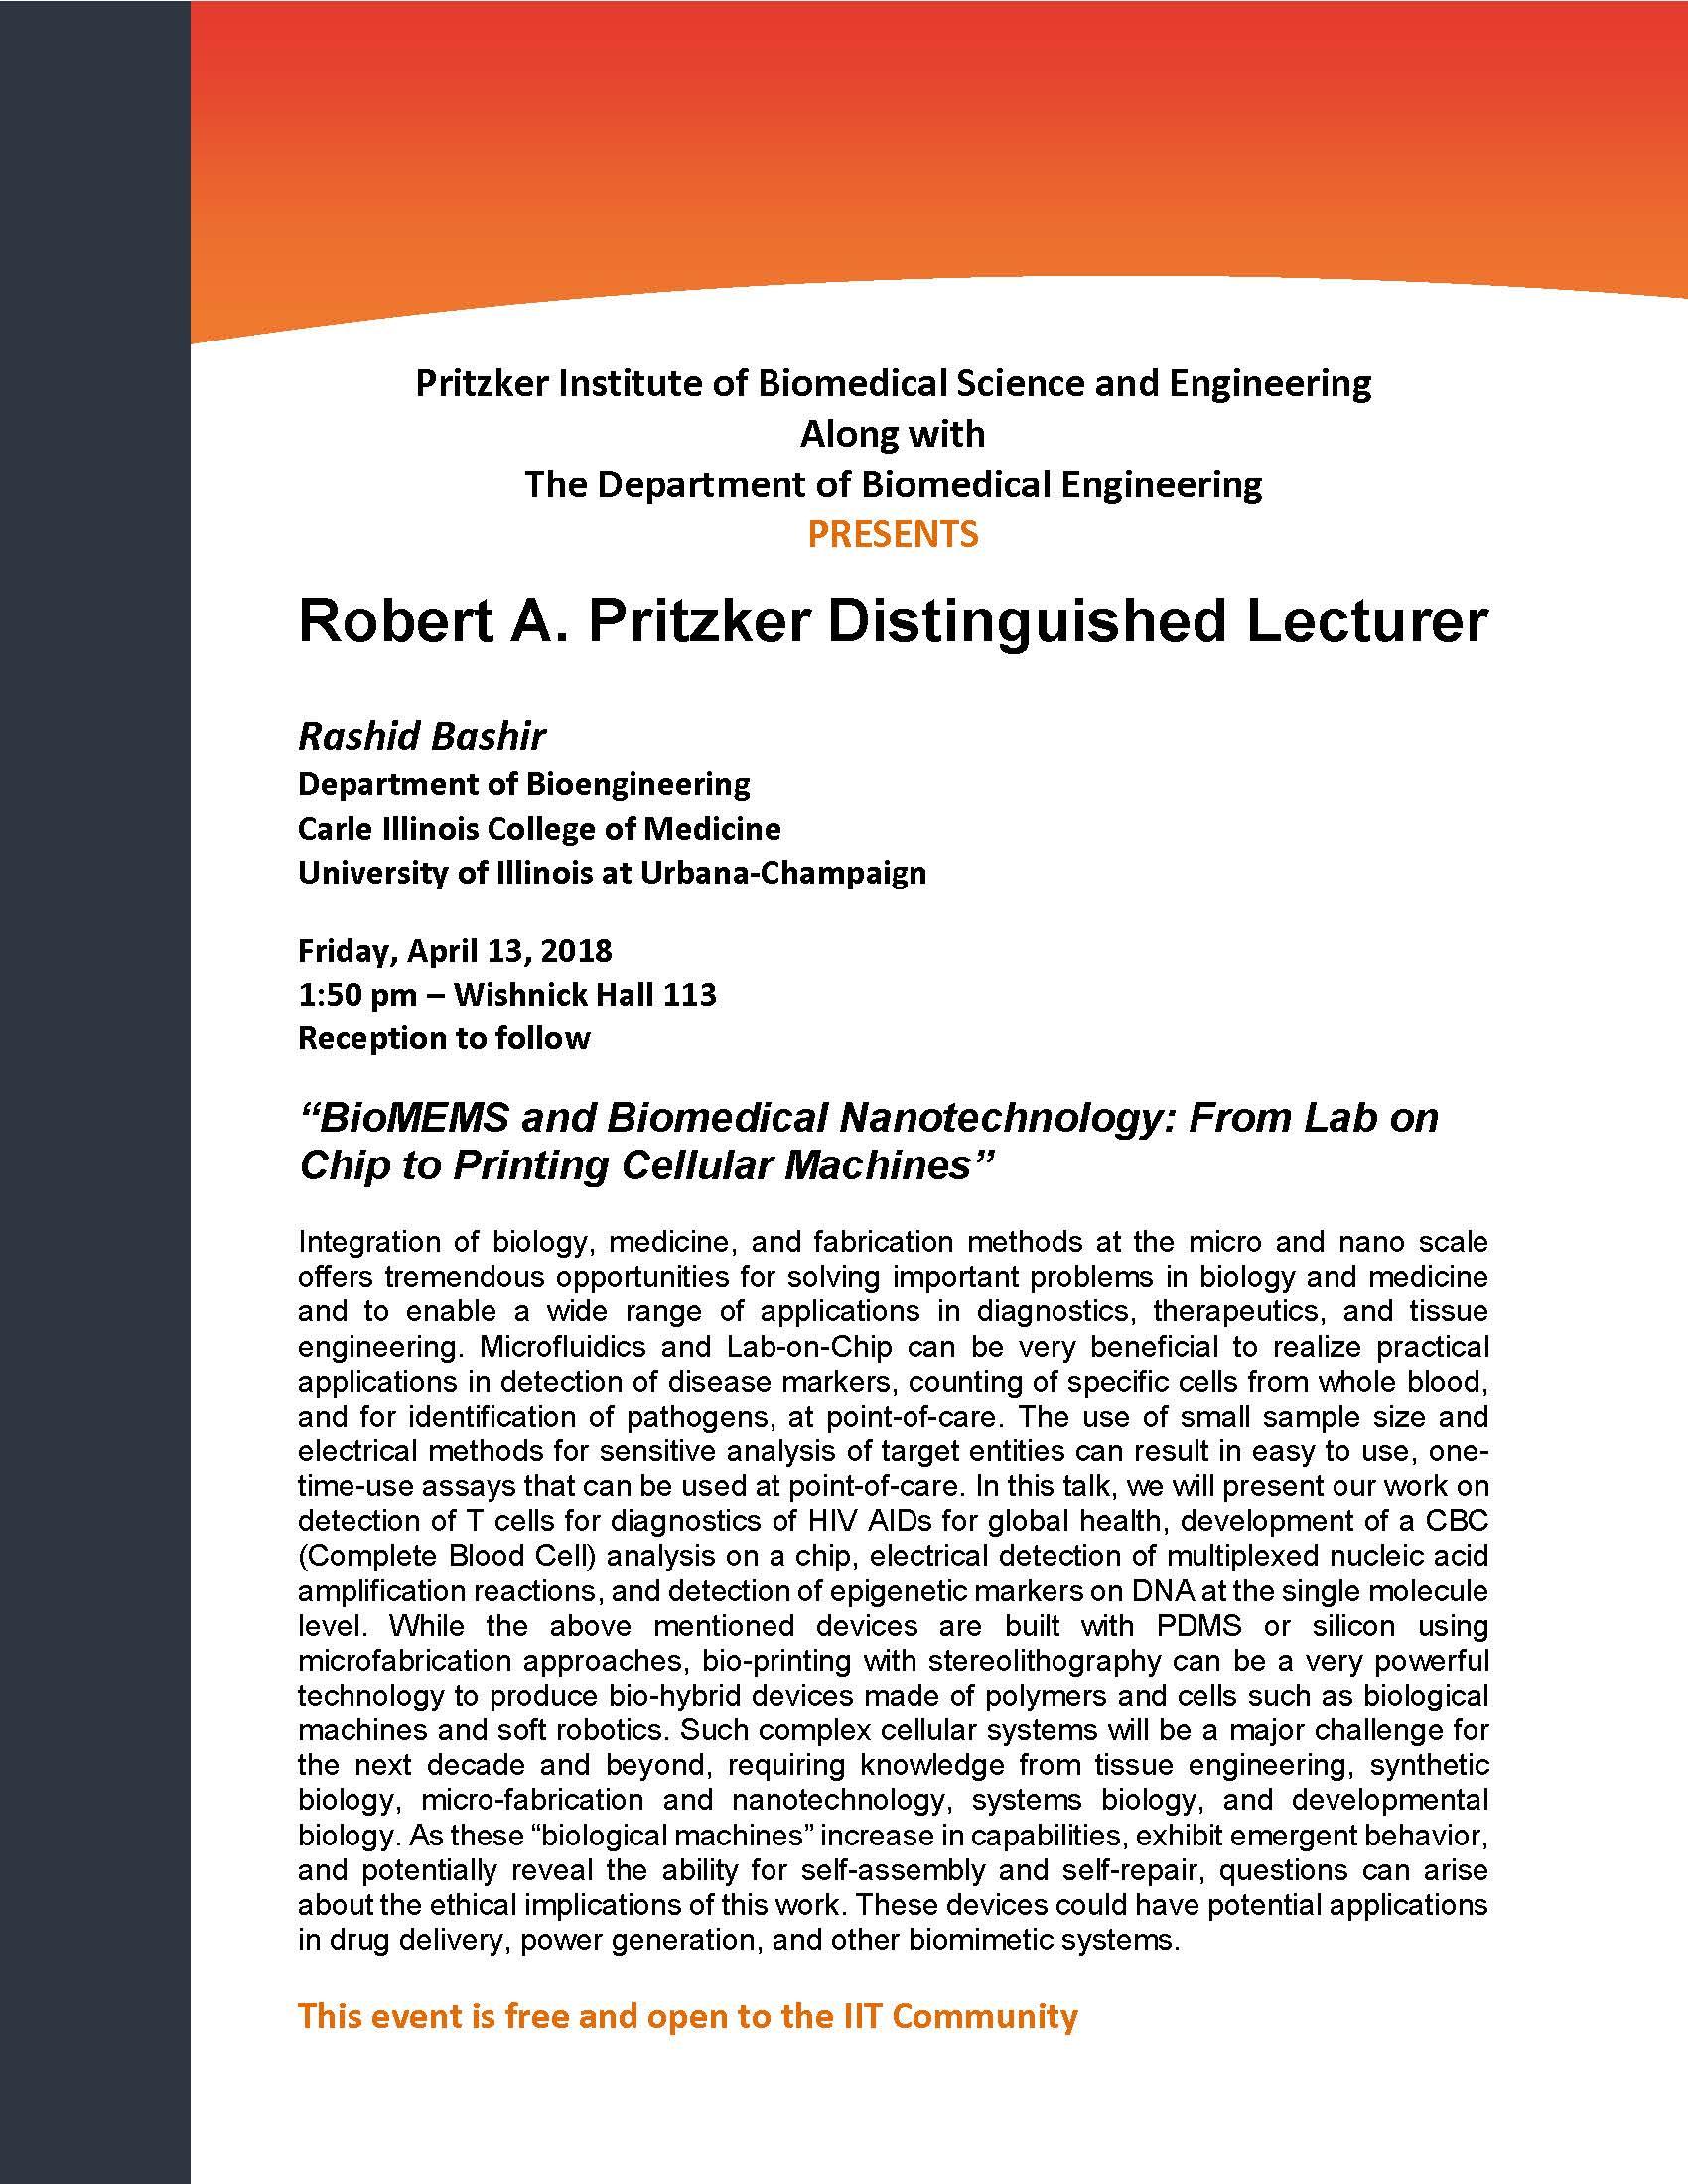 Announcement Pritzker Lecturer 2018 Rashid Bashir.jpg